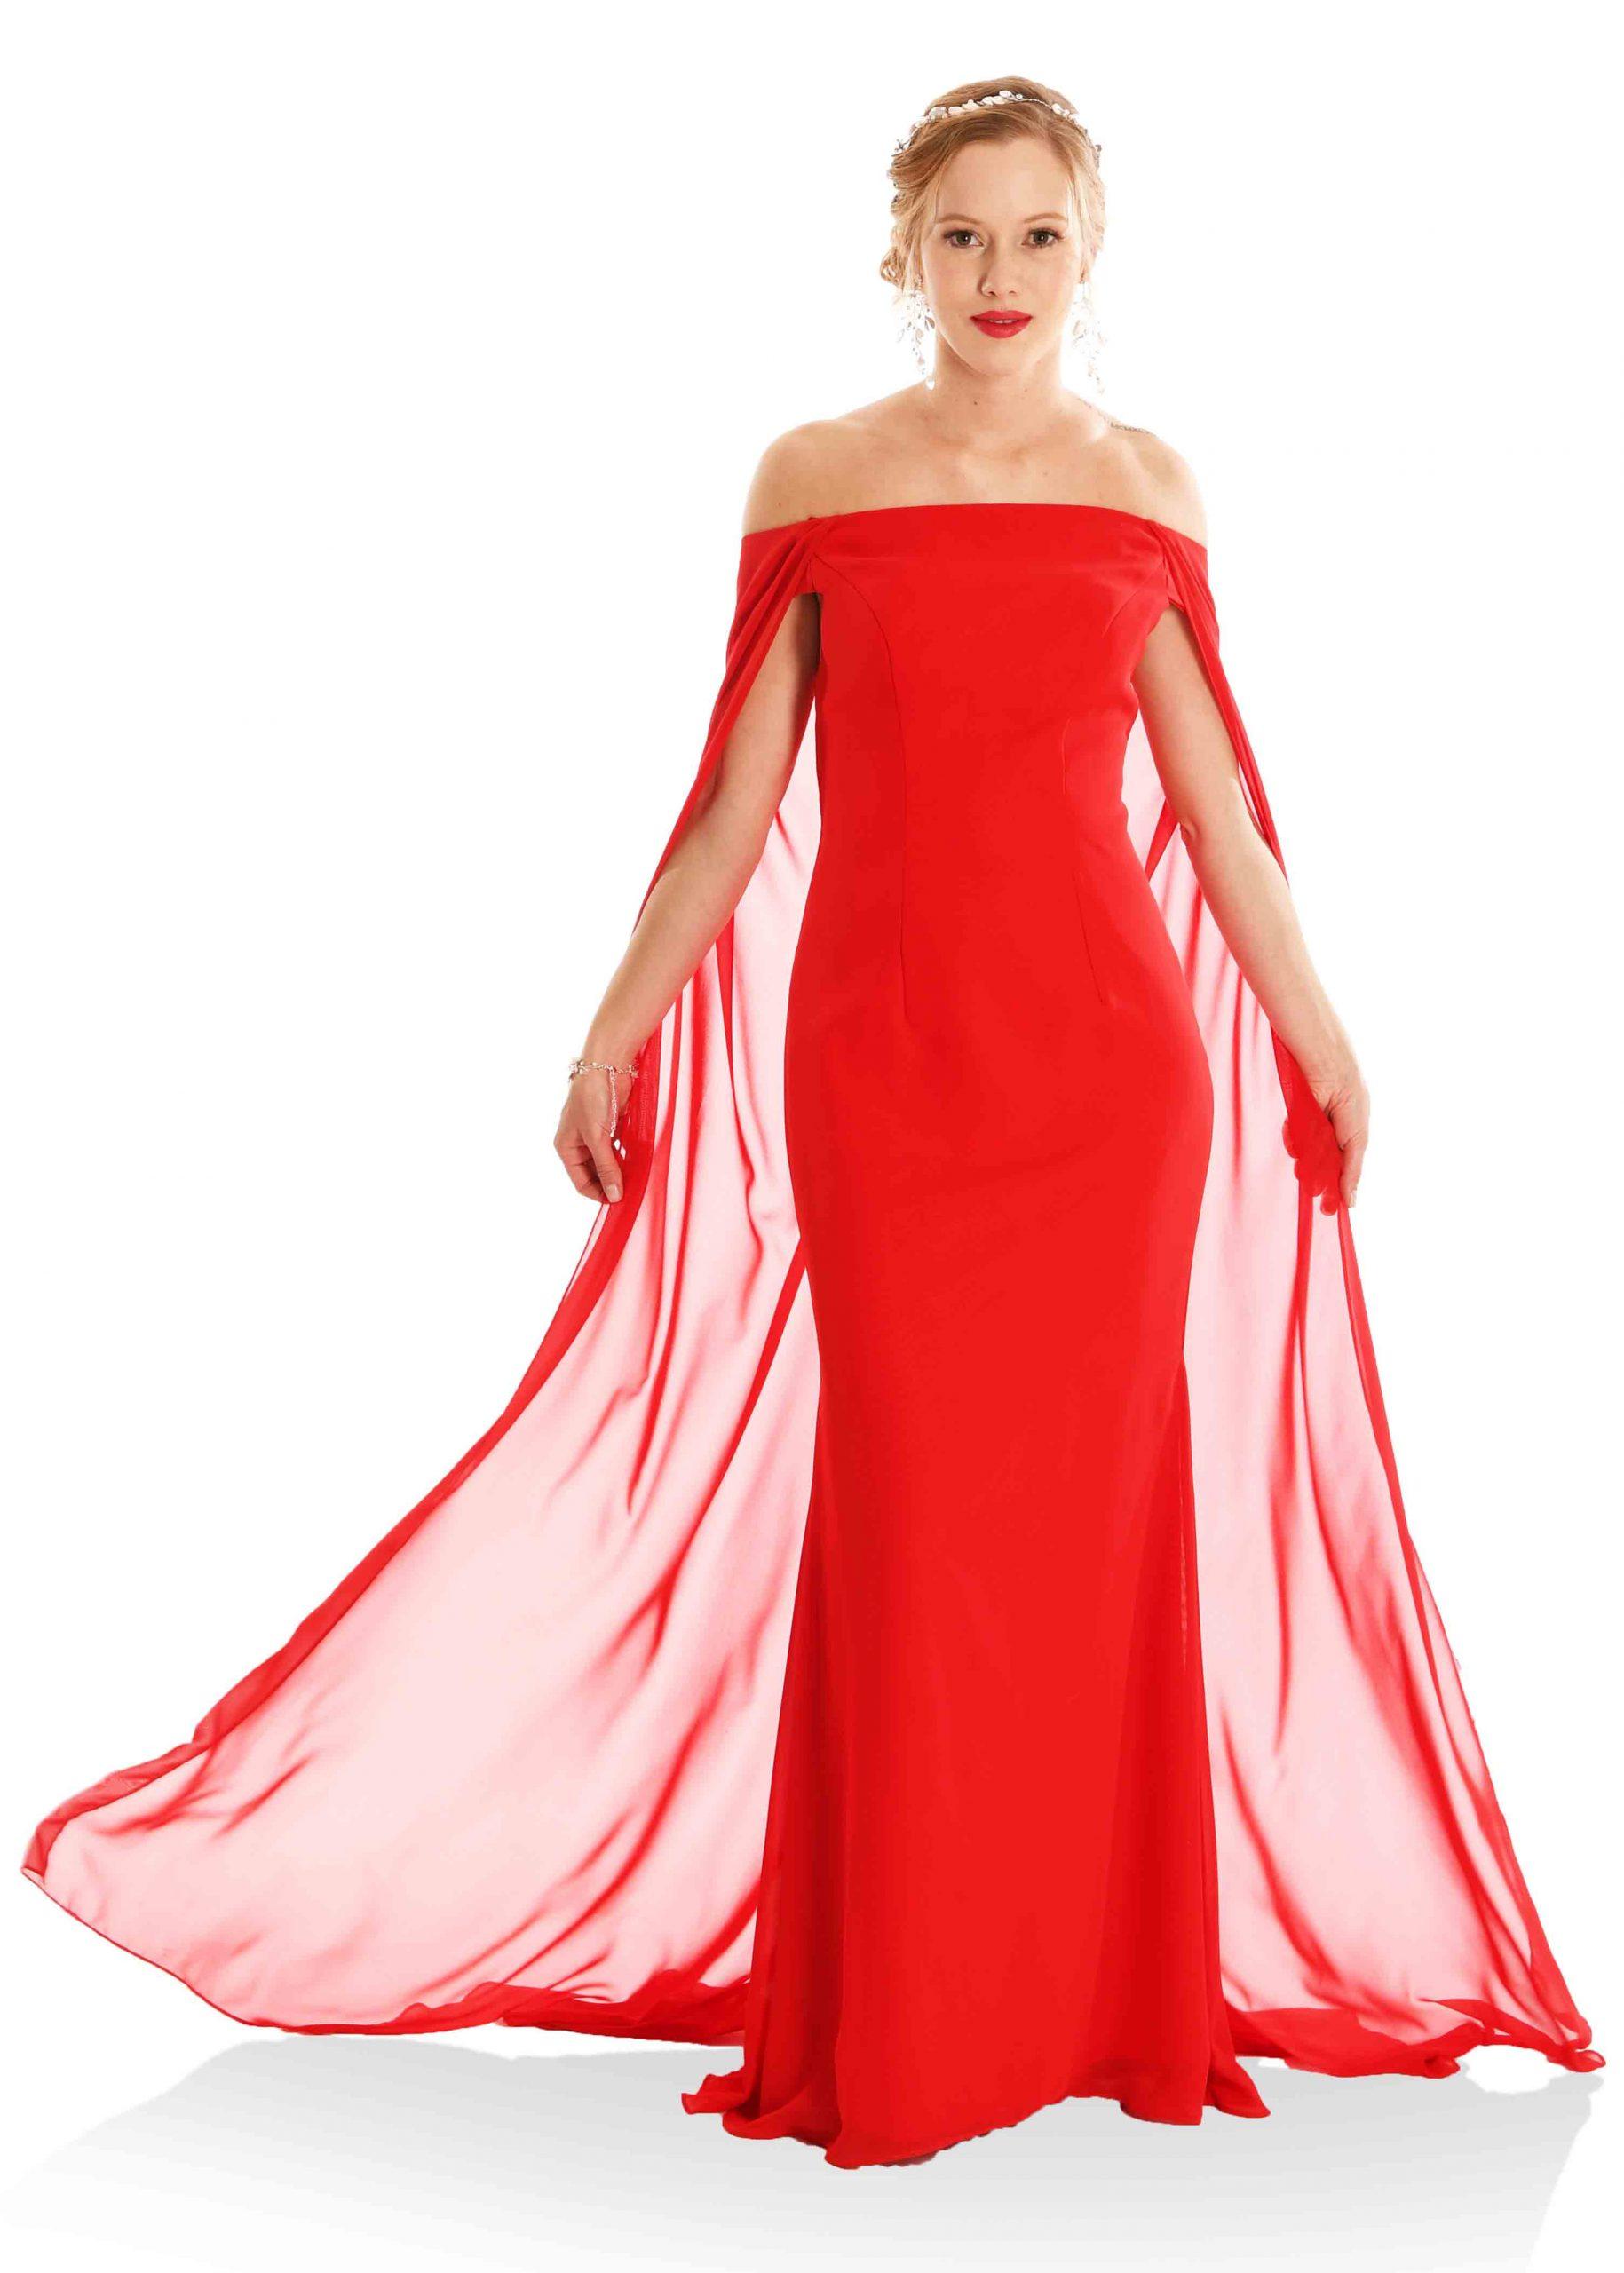 Abend Ausgezeichnet Abendkleid Festlich Lang GalerieAbend Kreativ Abendkleid Festlich Lang für 2019